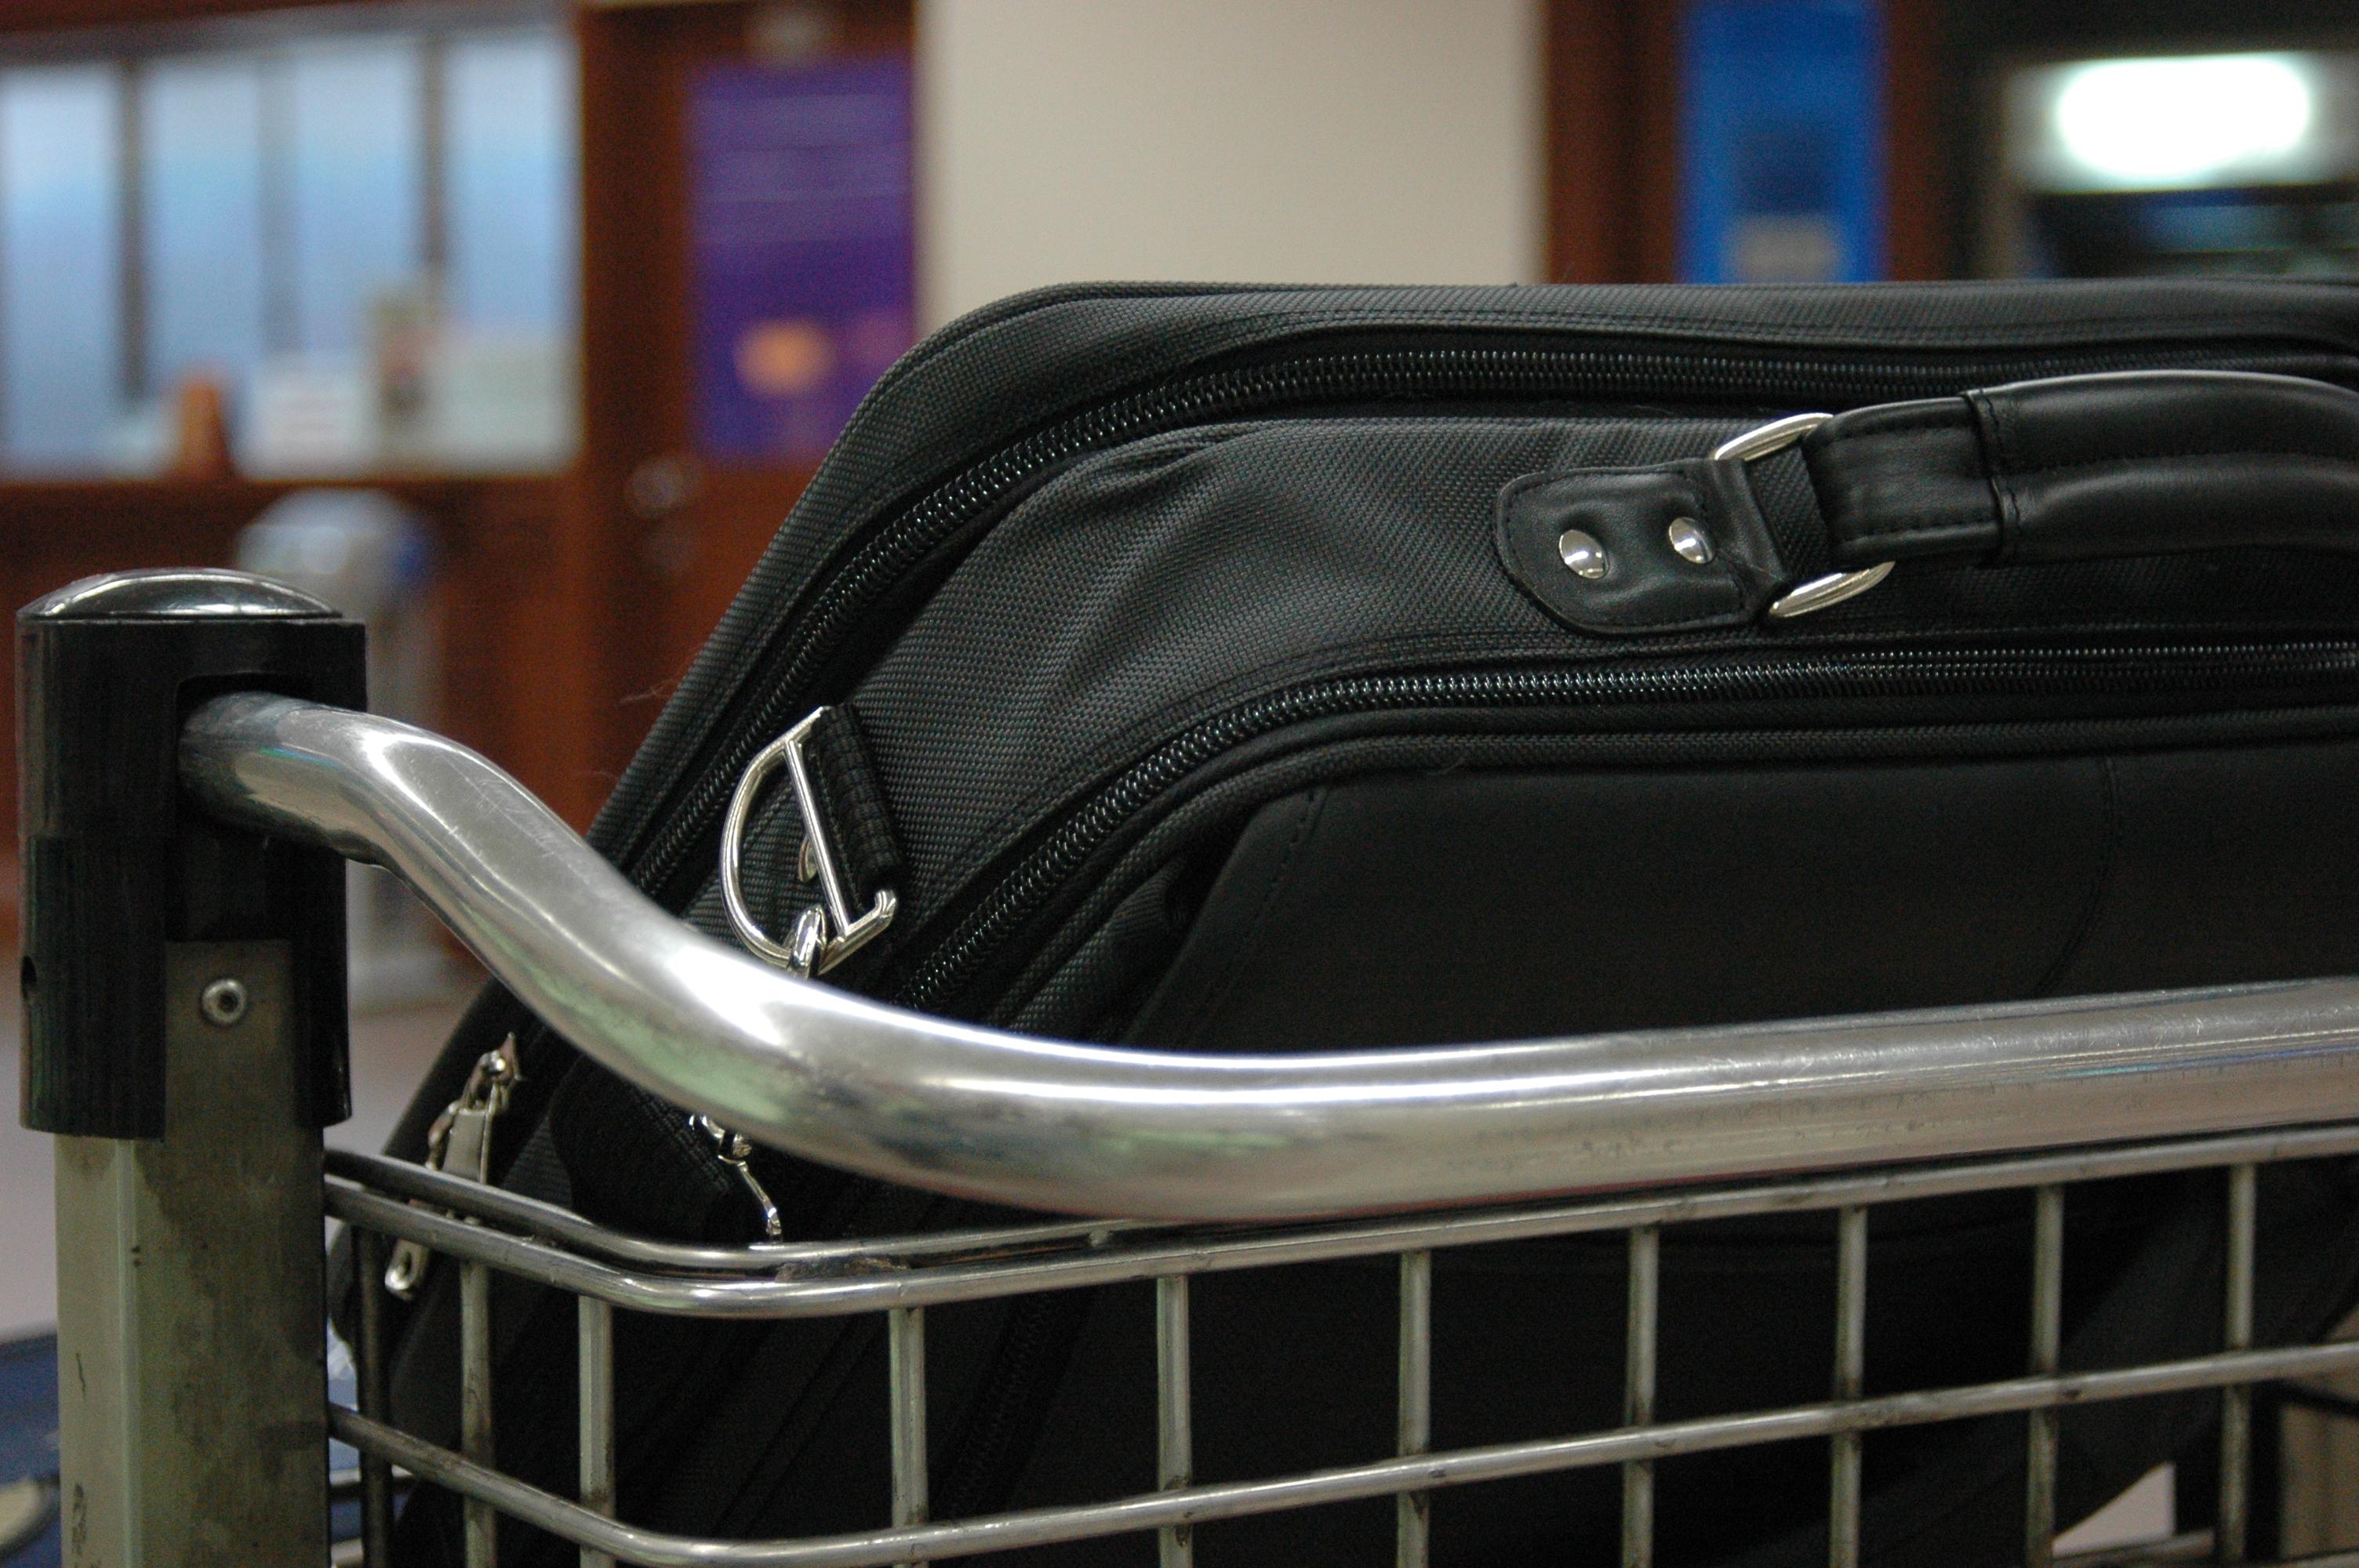 LOT – nowe warunki przewozu bagażu